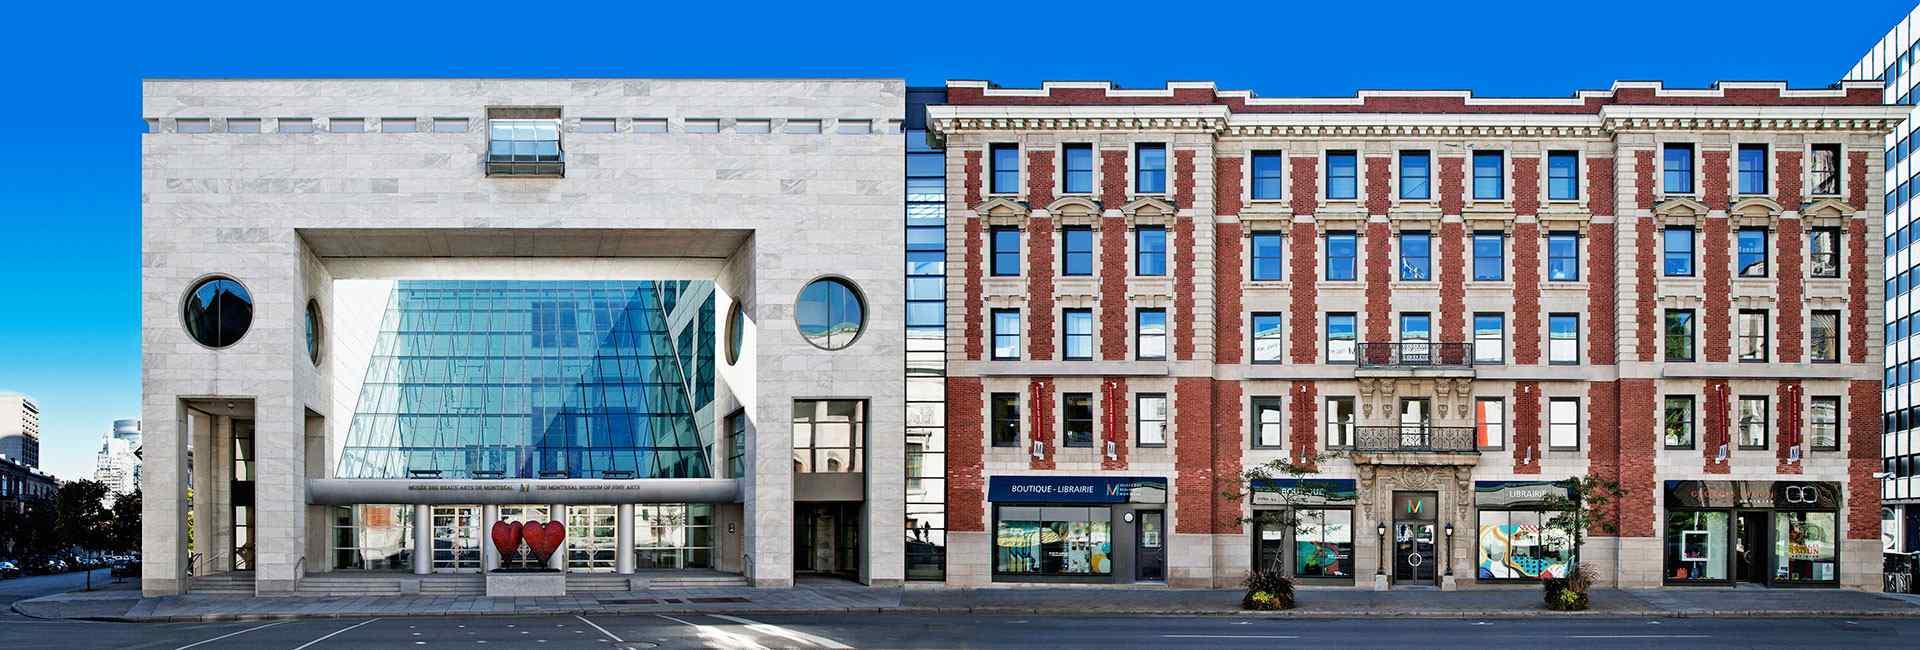 Pavillon Jean-Noël Desmarais, Musée des beaux-arts de Montréal. Photo : Bernard Fougères et Jean-François Lejeune.